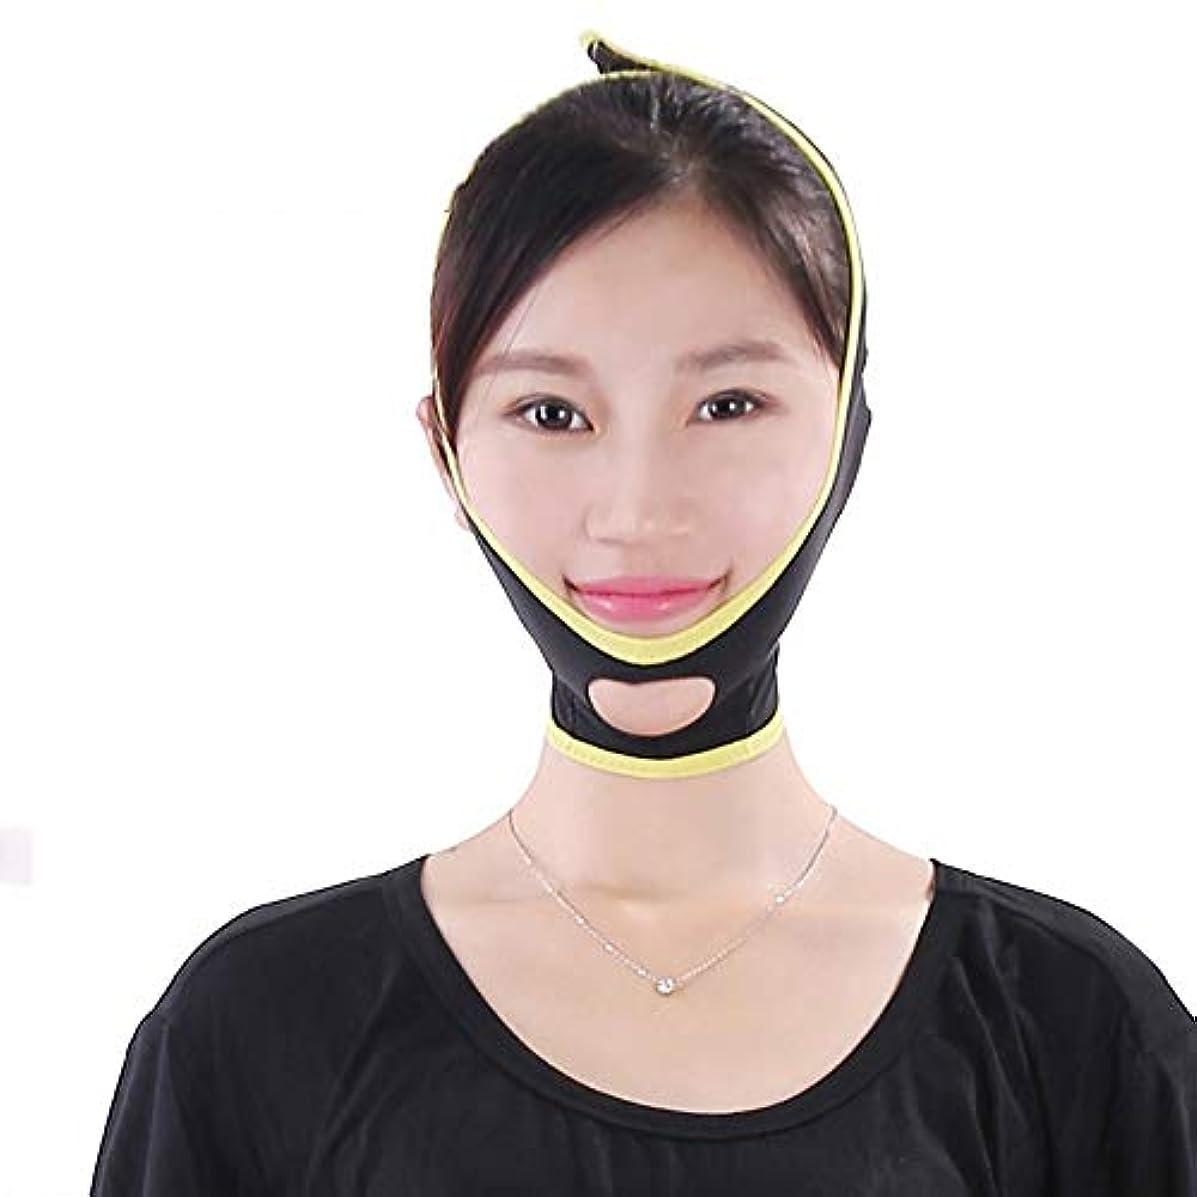 パーツオートペンス男性と女性の顔のマスク、Vの顔の包帯ダブルの顎の圧力レデューサーリフティングパッキング